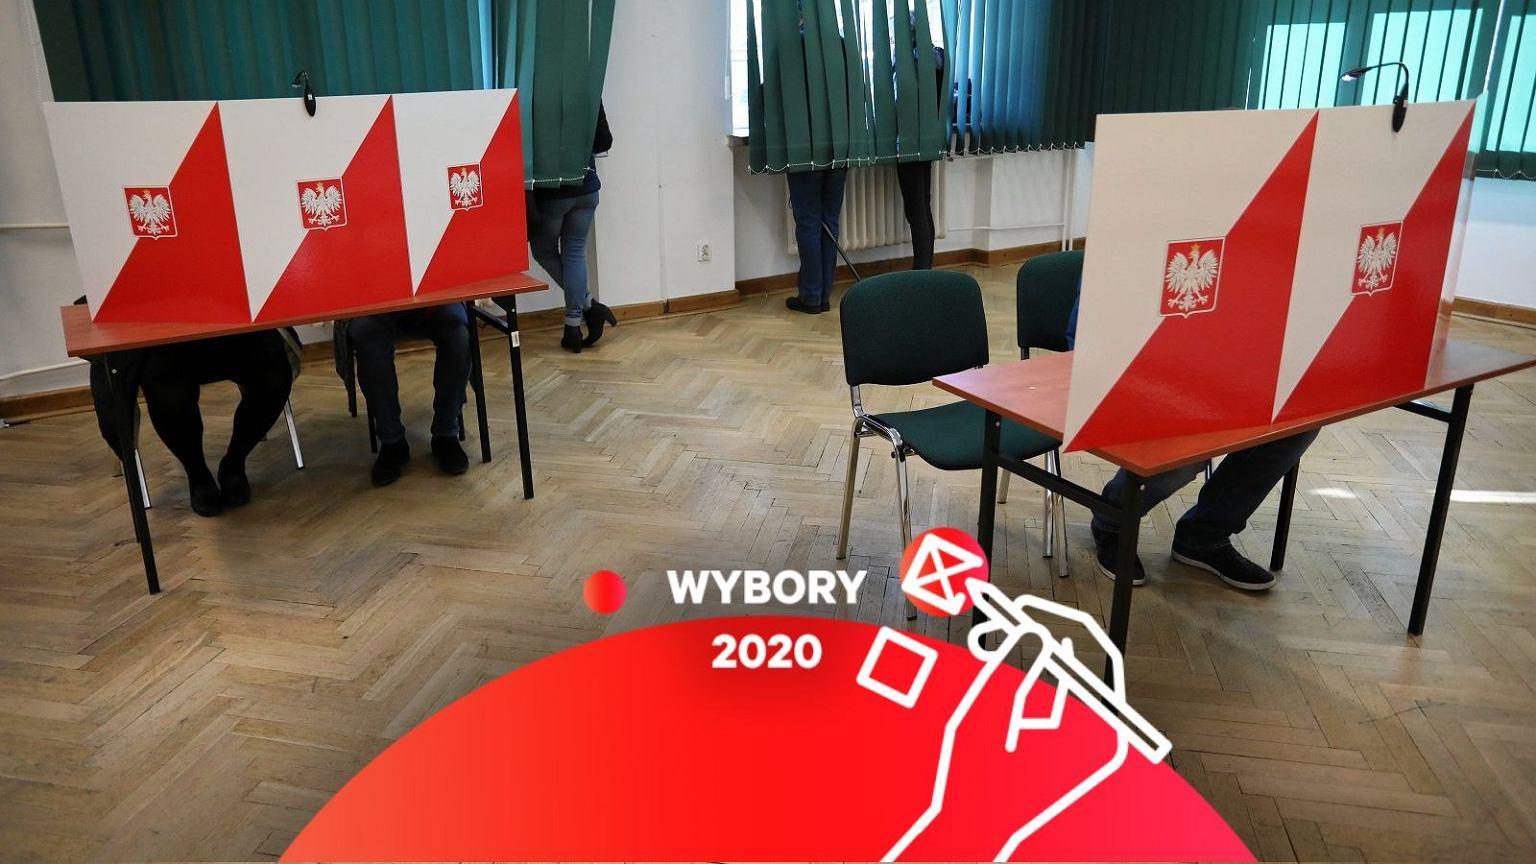 Wybory 2020. Głosowanie poza miejscem zamieszkania. Jak złożyć wniosek i do kiedy odebrać zaświadczenie?